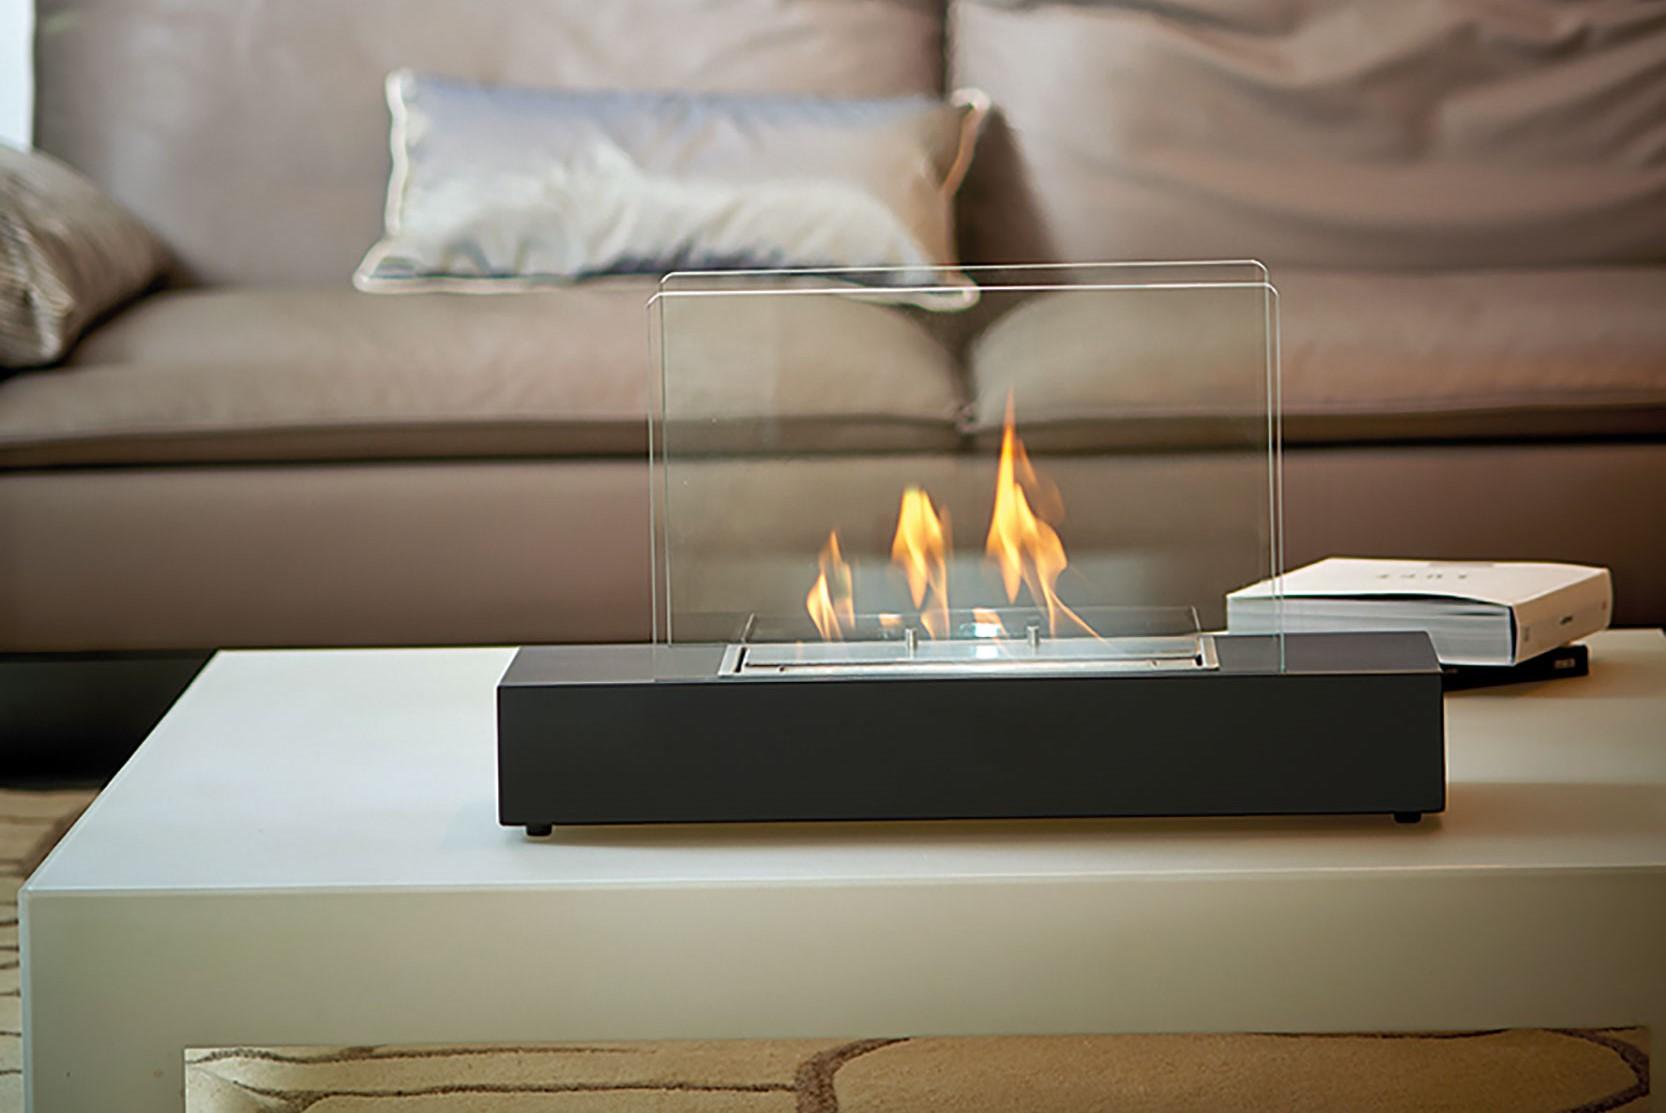 Stufe Petrolio Senza Canna Fumaria riscaldare casa | stufe e camini per dare calore alla tua casa